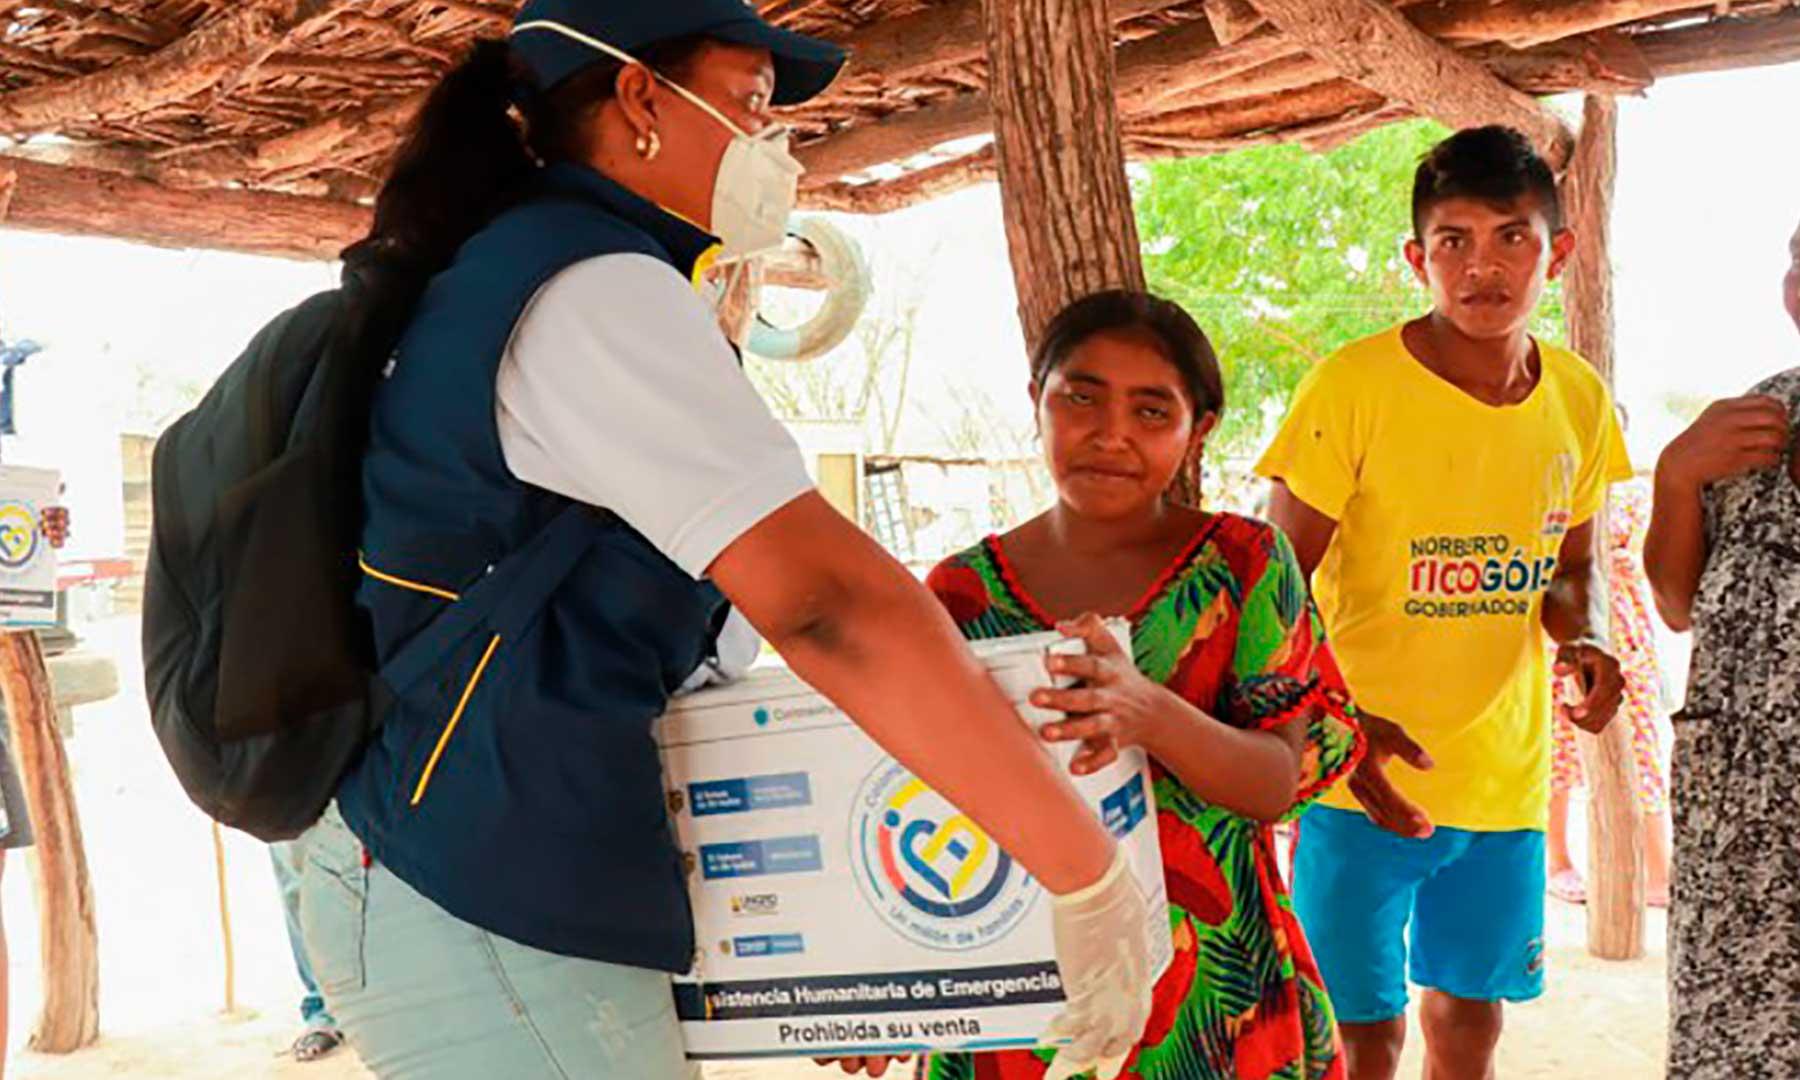 Unidad de Gestión del Riesgo avanza en la entrega de asistencia humanitaria a los colombianos | Nacional | Política | EL FRENTE